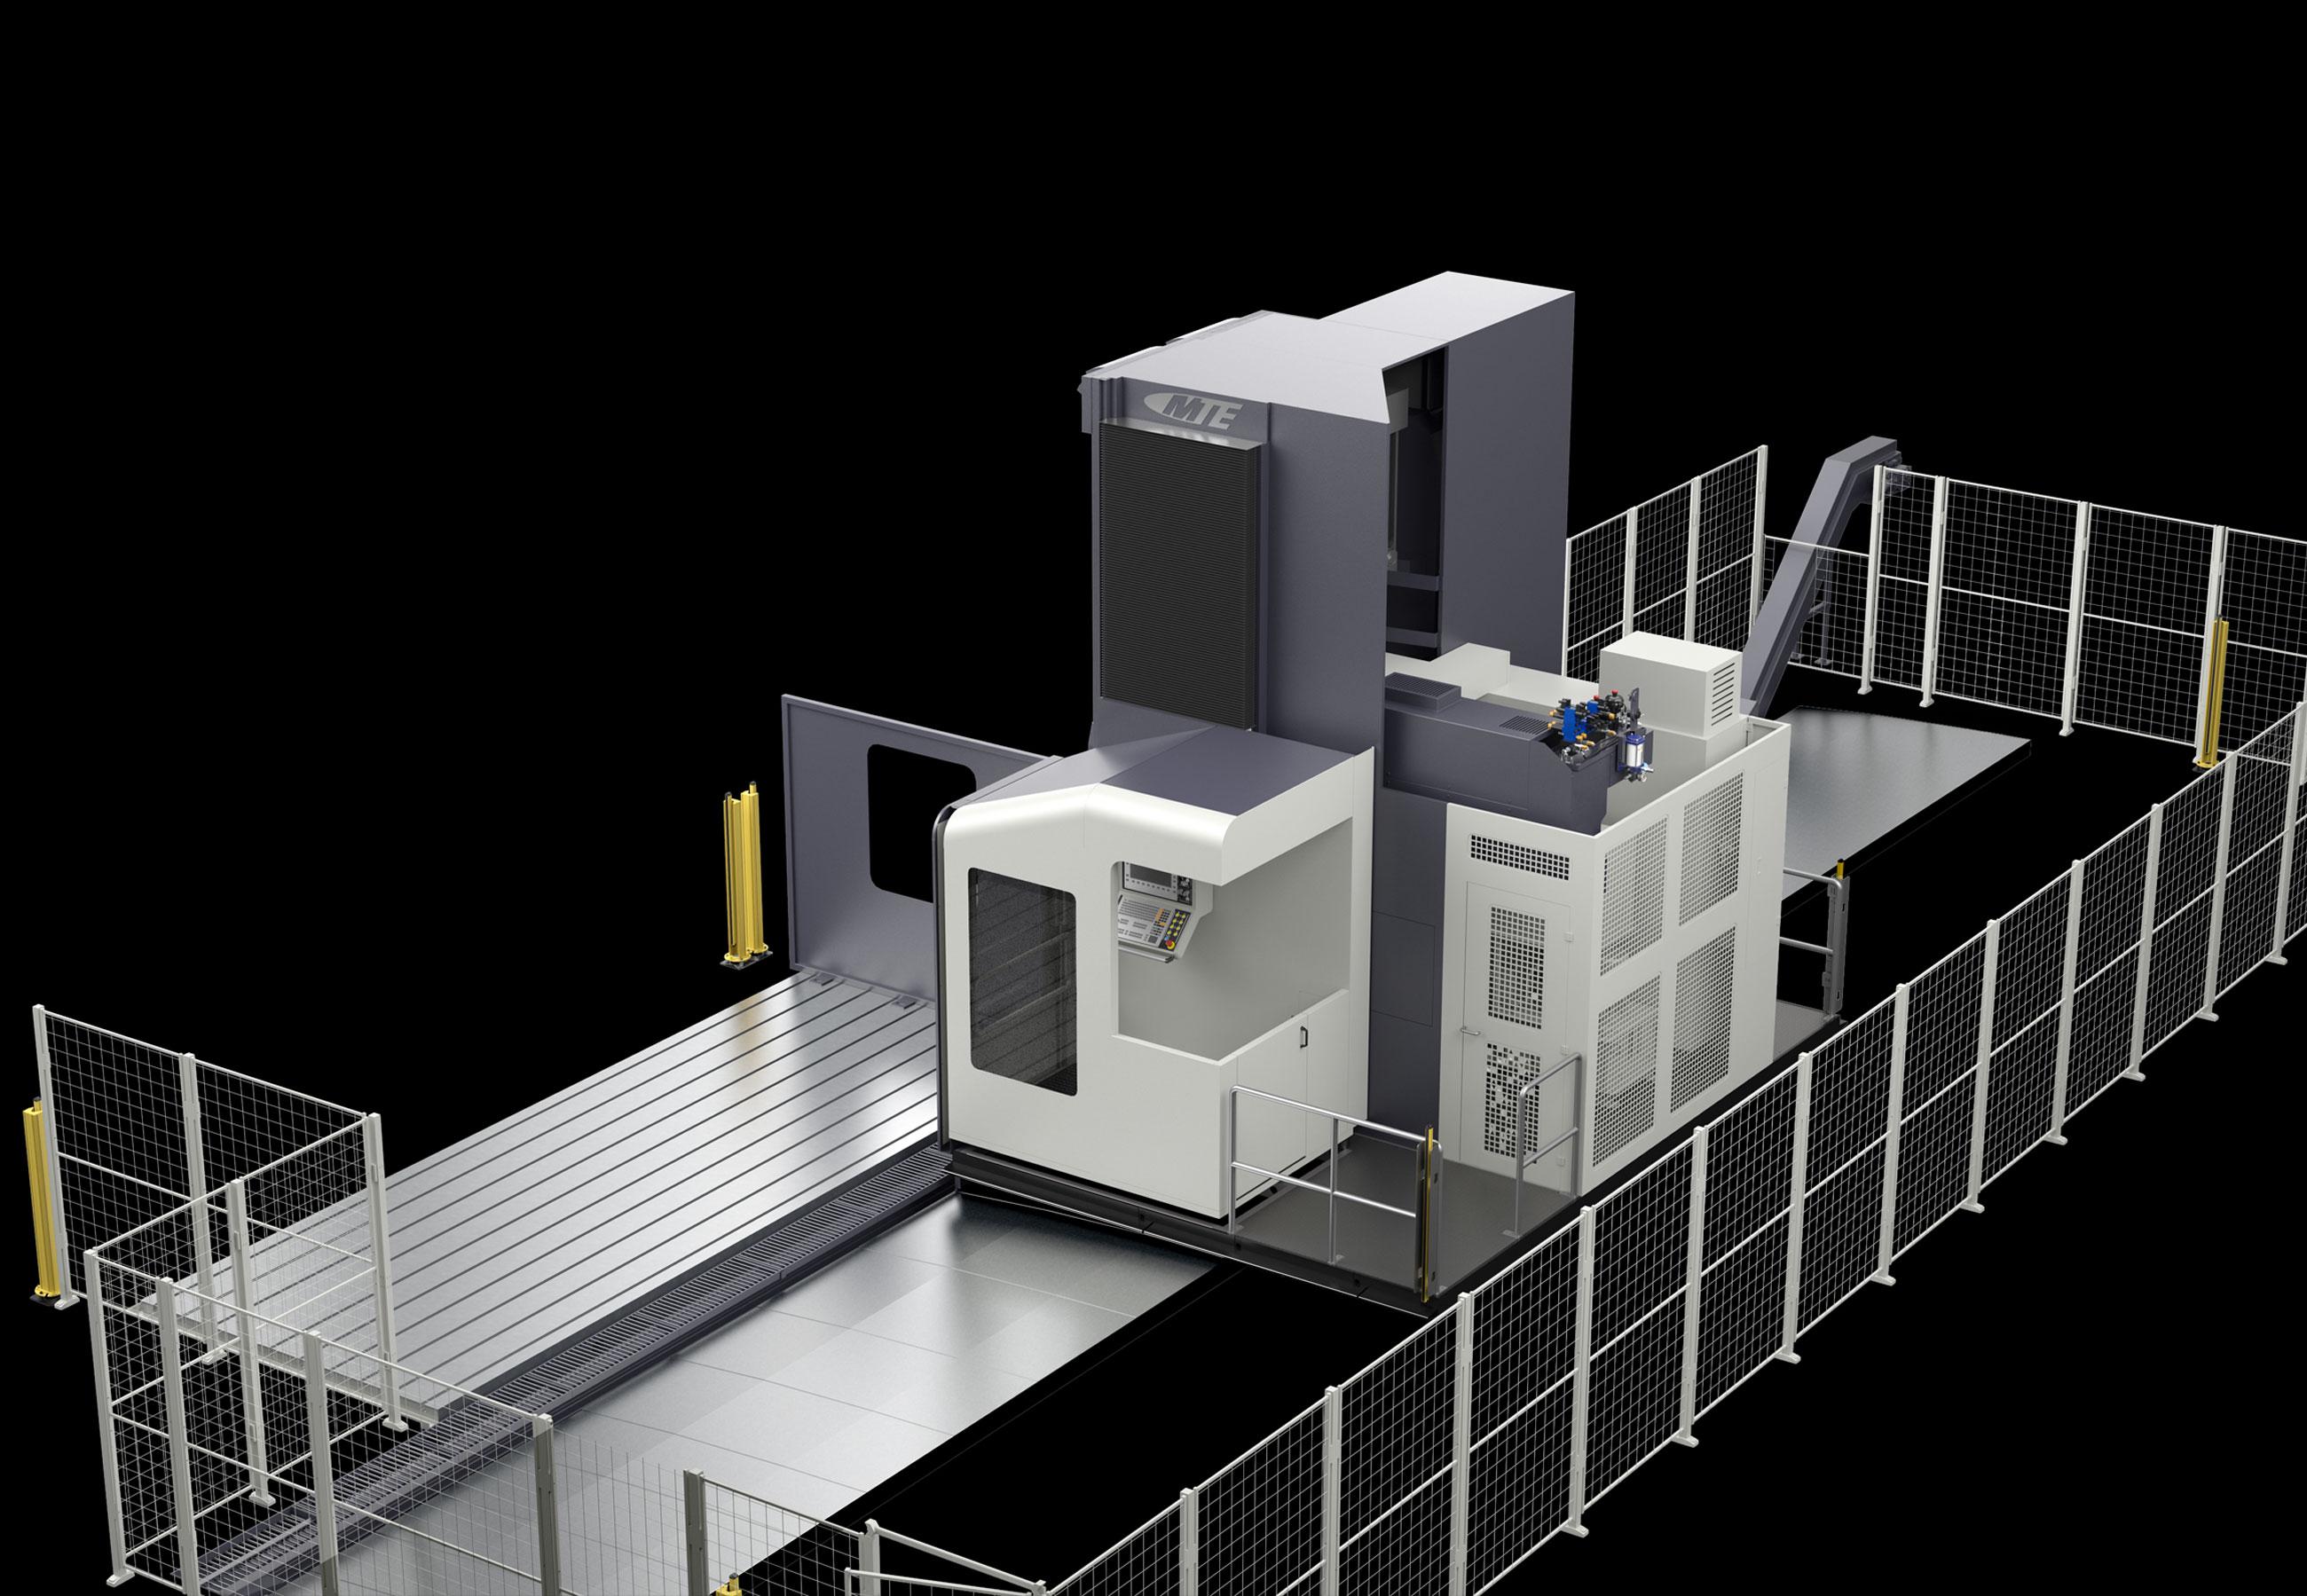 floor_type_milling_machine_FBF-M_standard_enclosure_1